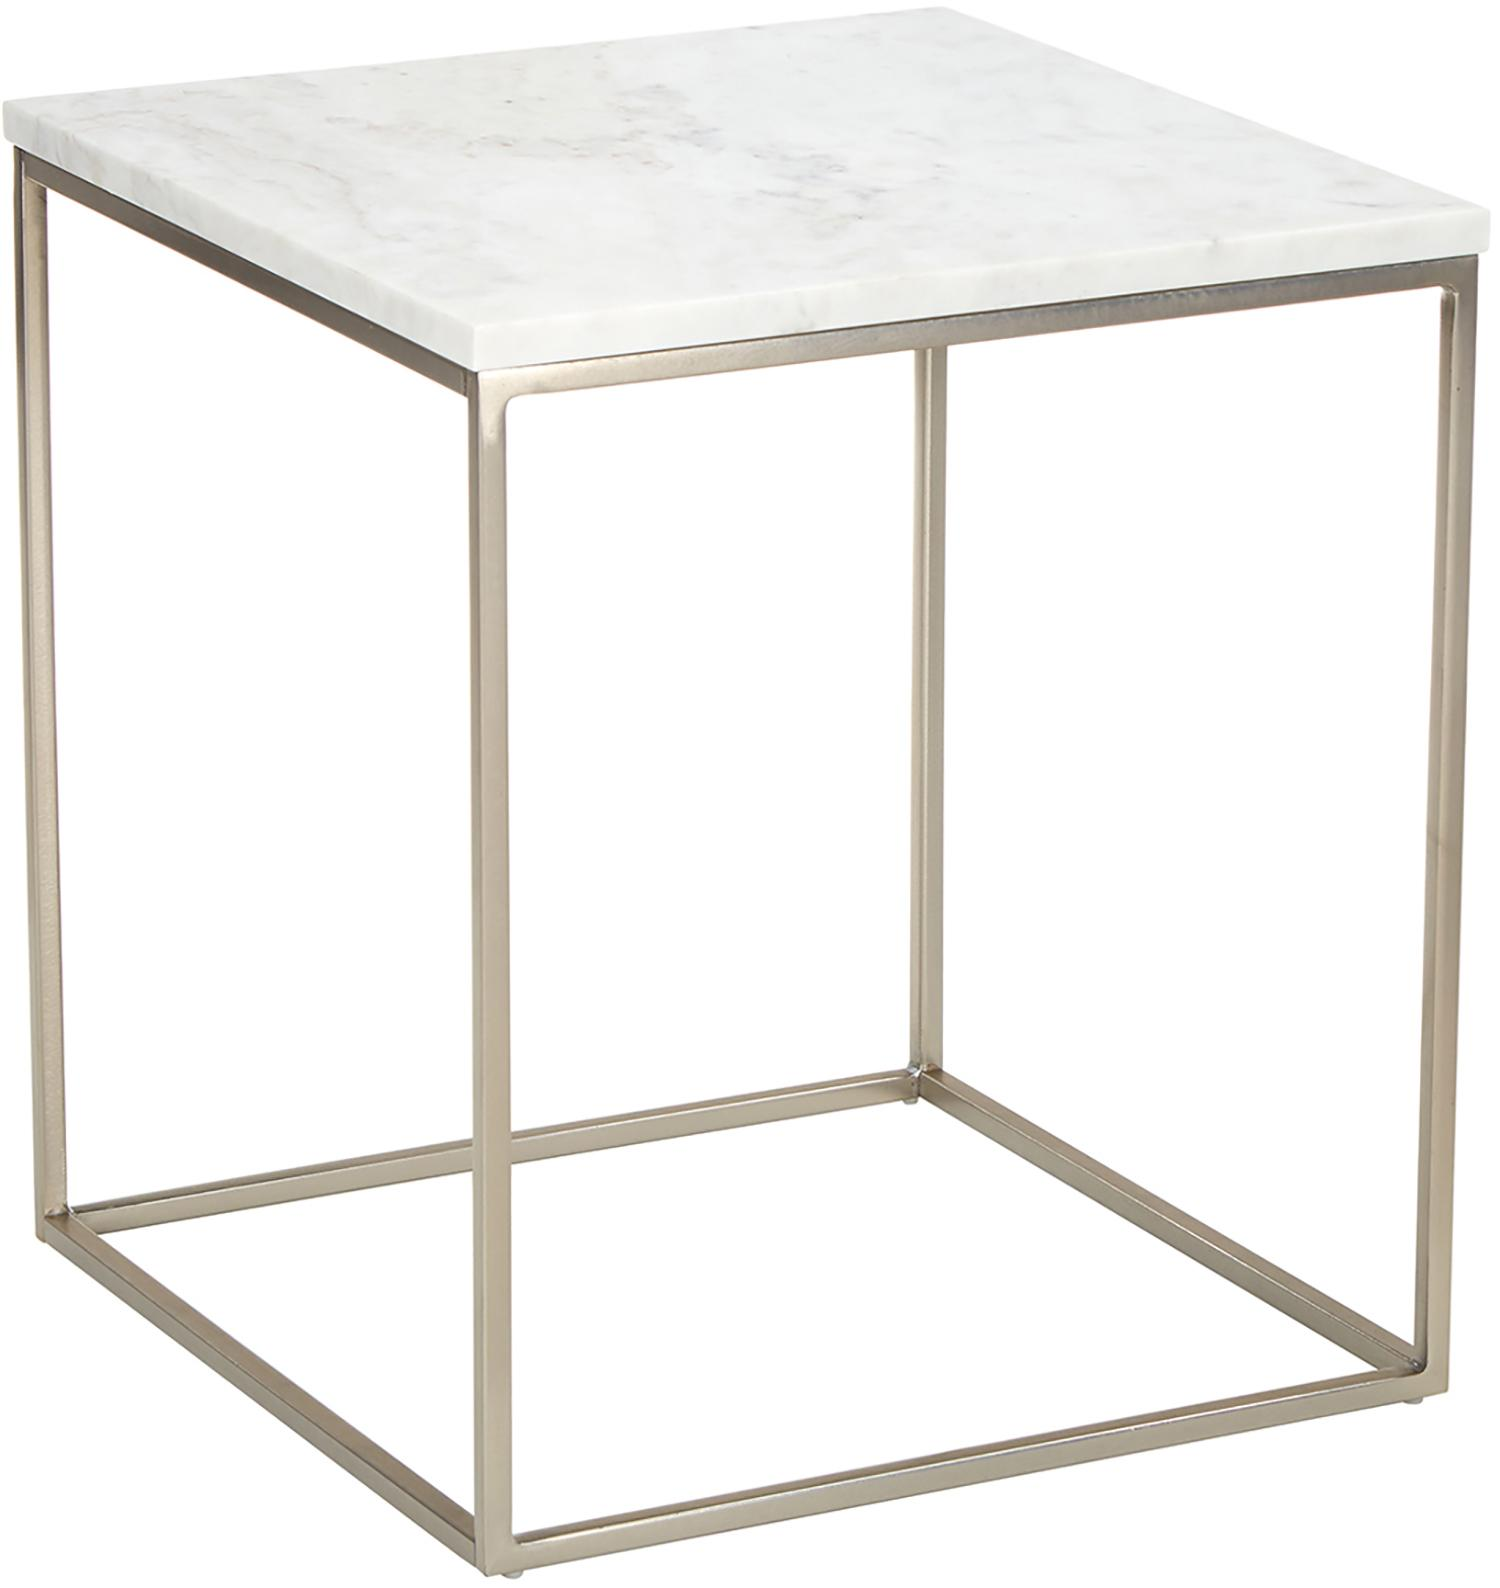 Marmeren bijzettafel Alys, Tafelblad: marmer, Frame: gepoedercoat metaal, Tafelblad: wit-grijs marmer, licht glanzend. Frame: mat zilverkleurig, 45 x 50 cm